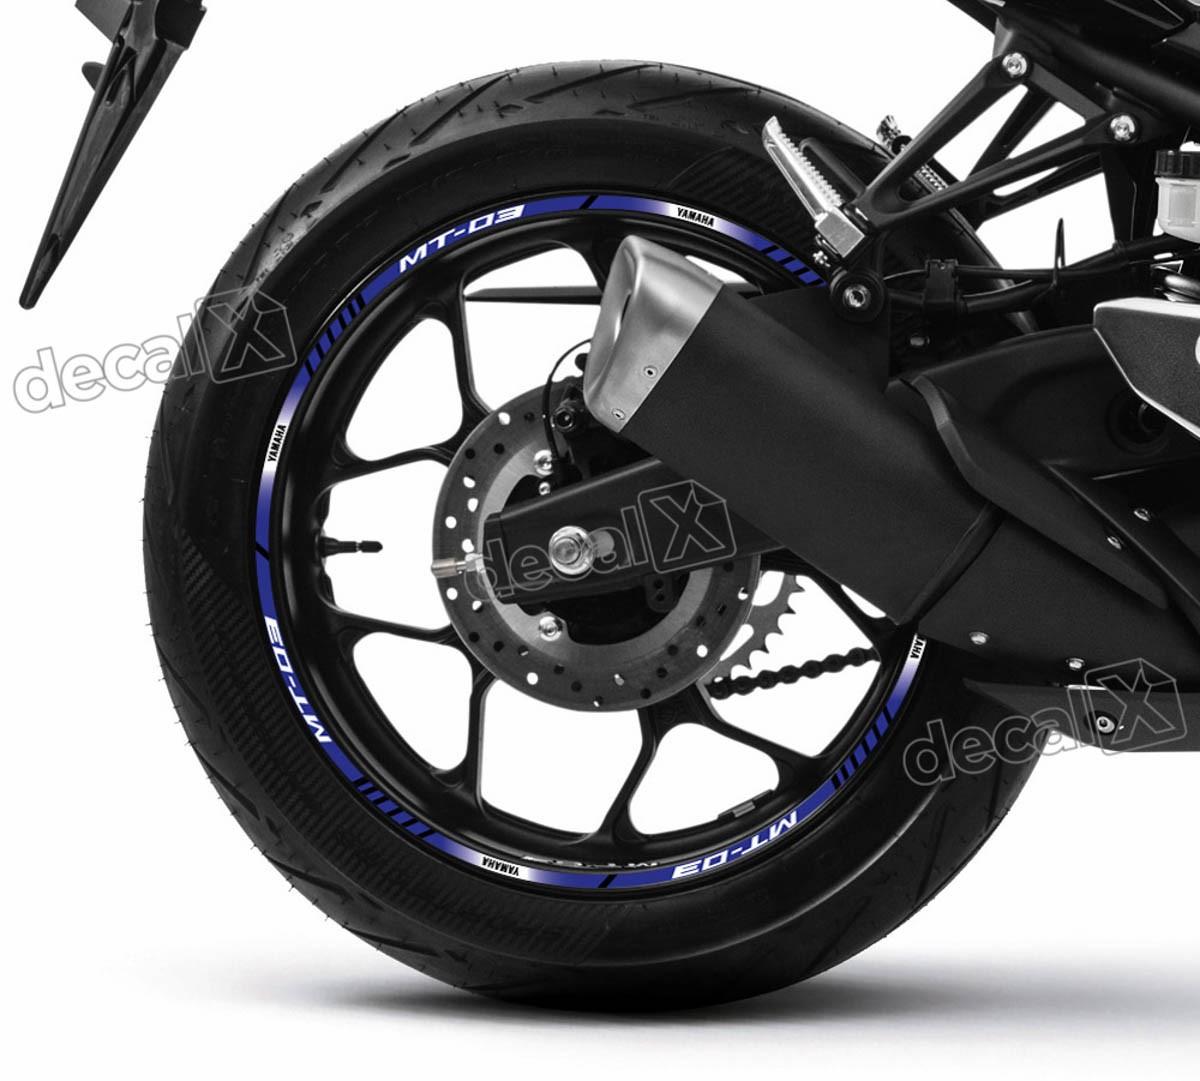 Armario De Parede Pequeno ~ Kit Adesivo Friso Refletivo Roda Moto Yamaha Mt 03 Fri49 Adesivos para motos& Adesivos